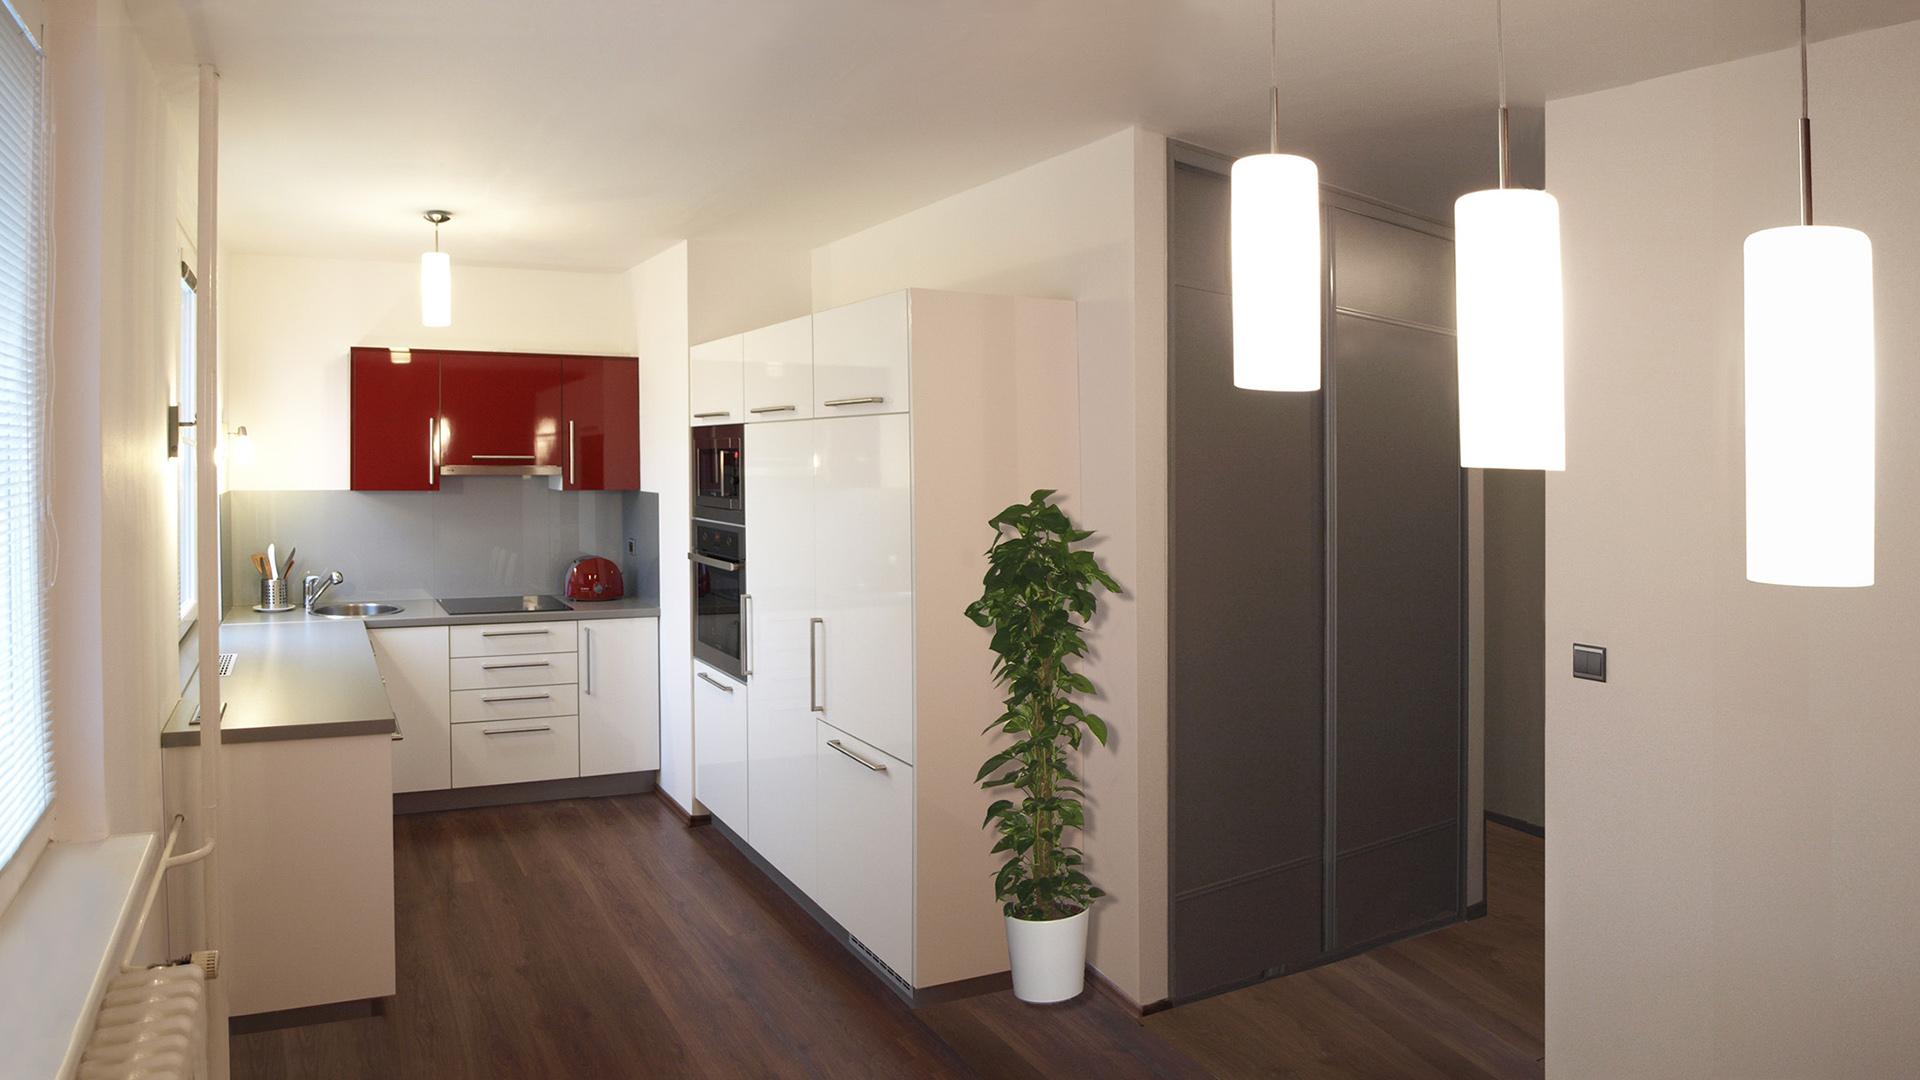 Celková rekonstrukce bytu se změnou dispozice v Praze v Modřanech o velikosti 3 + 1. Kuchyňská linka zhotovená na míru dle architektonického návrhu ve tvaru U. Pracovní plocha umístěna pod